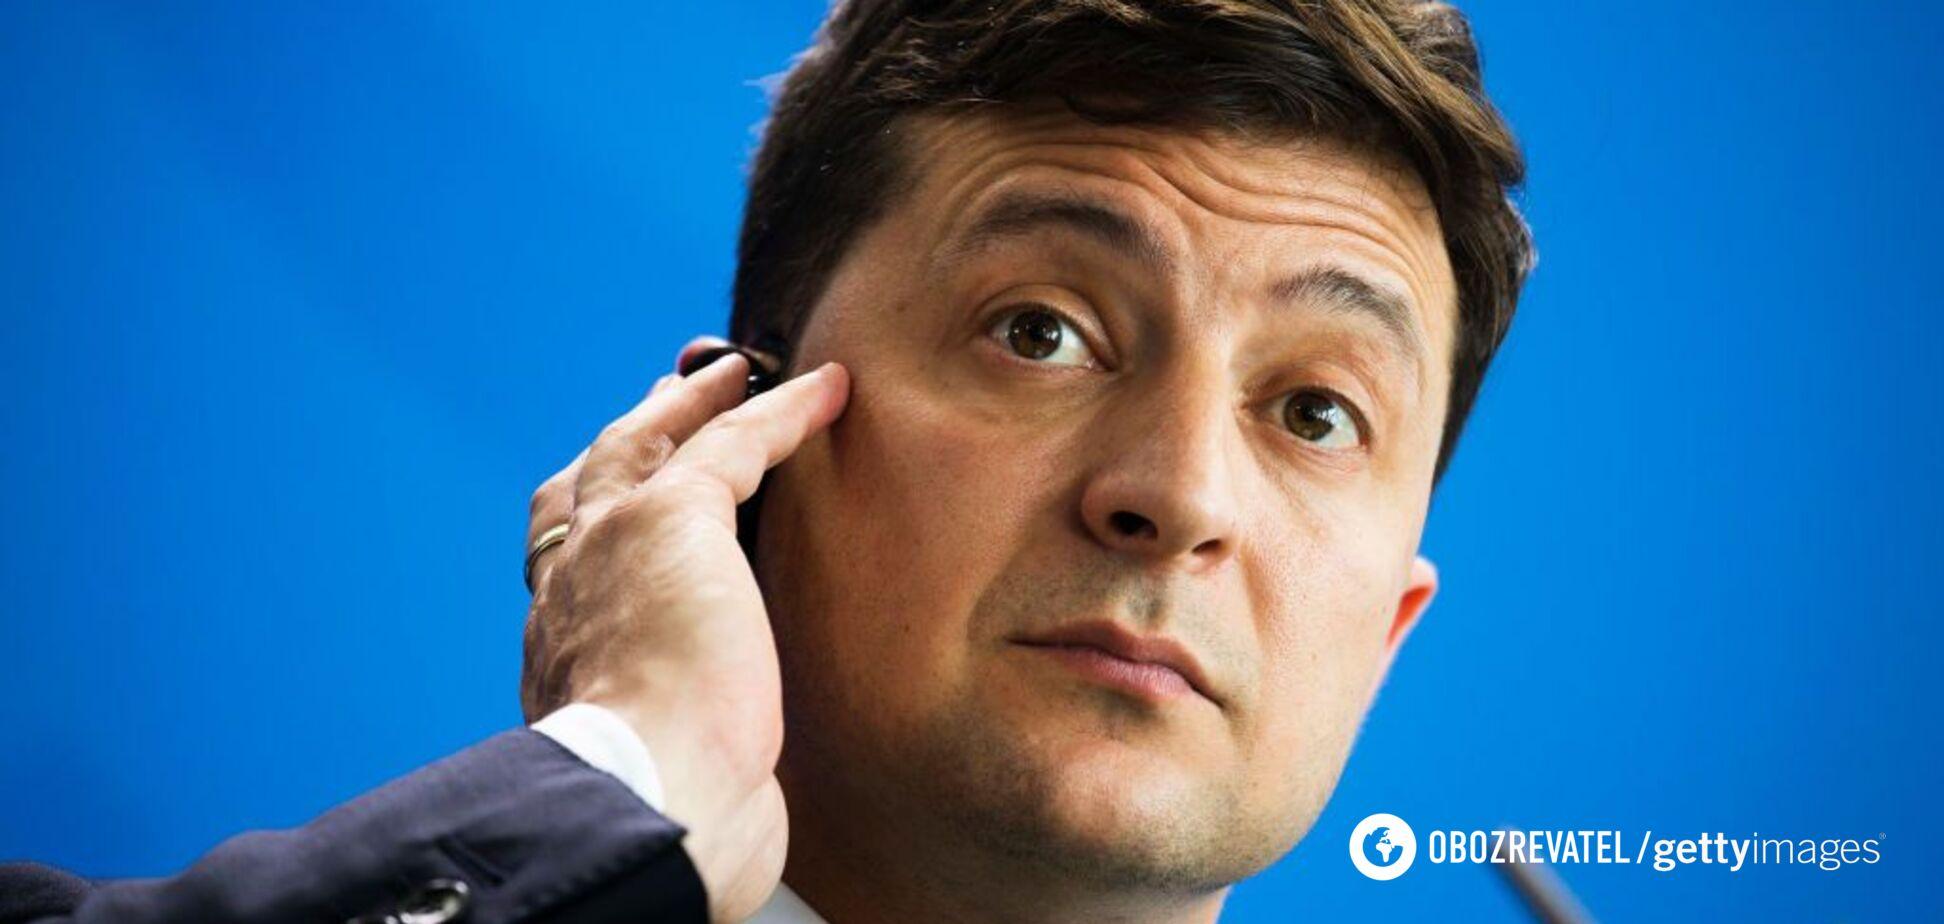 'Под выборы' у местных бюджетов и пенсионного фонда Зеленский забрал по 1 млрд грн